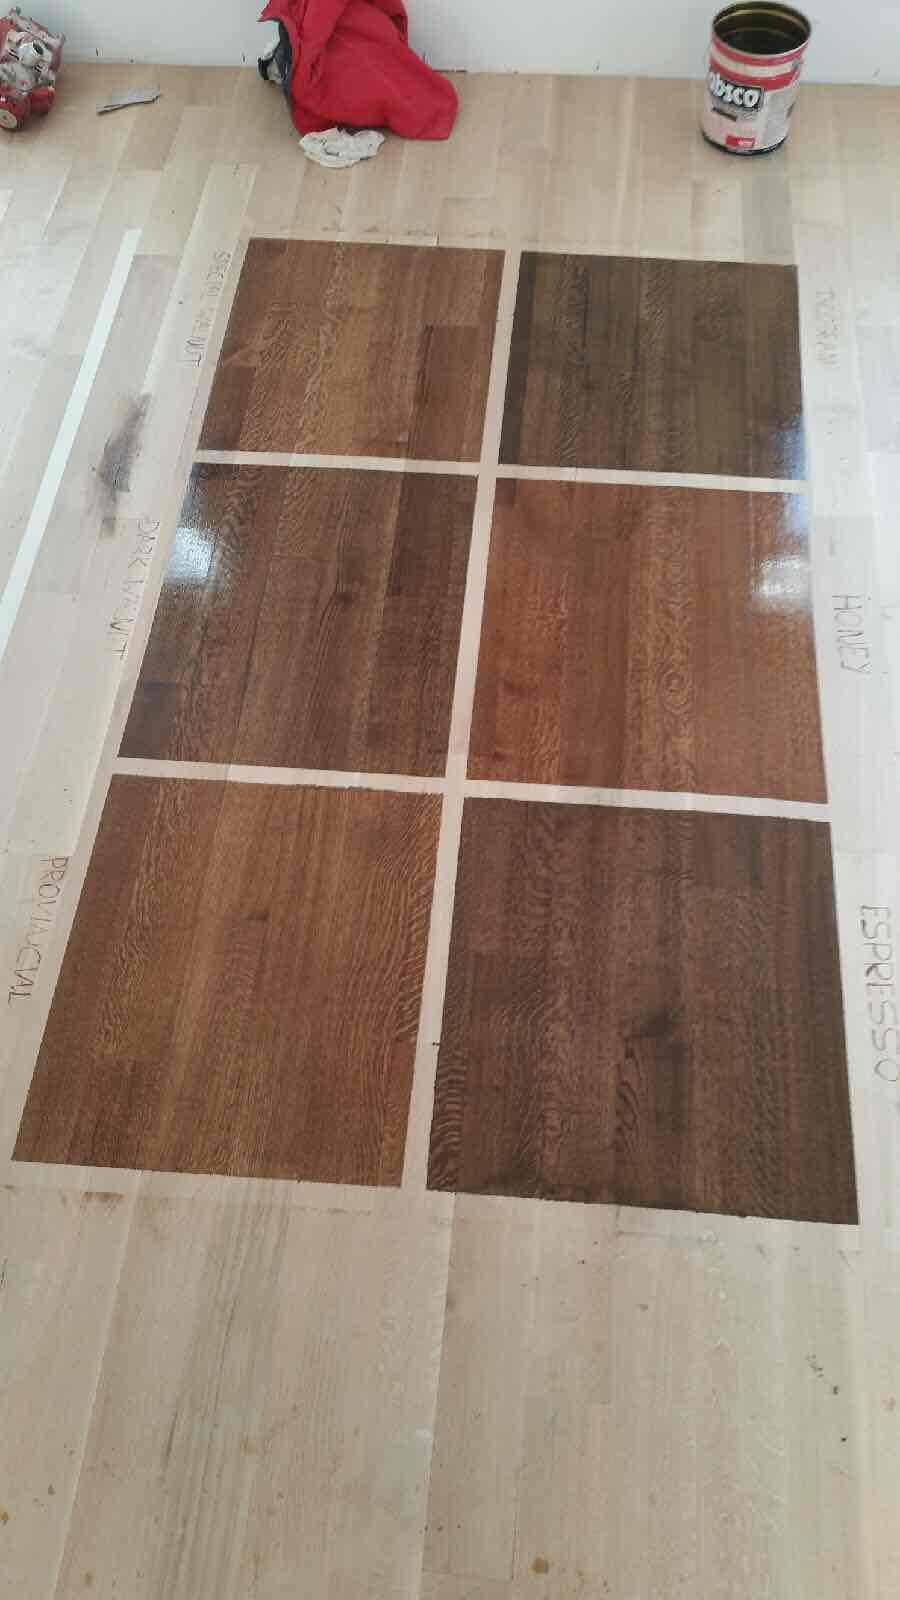 Fabio Hardwood Floors Morristown Nj 07960 Angies List